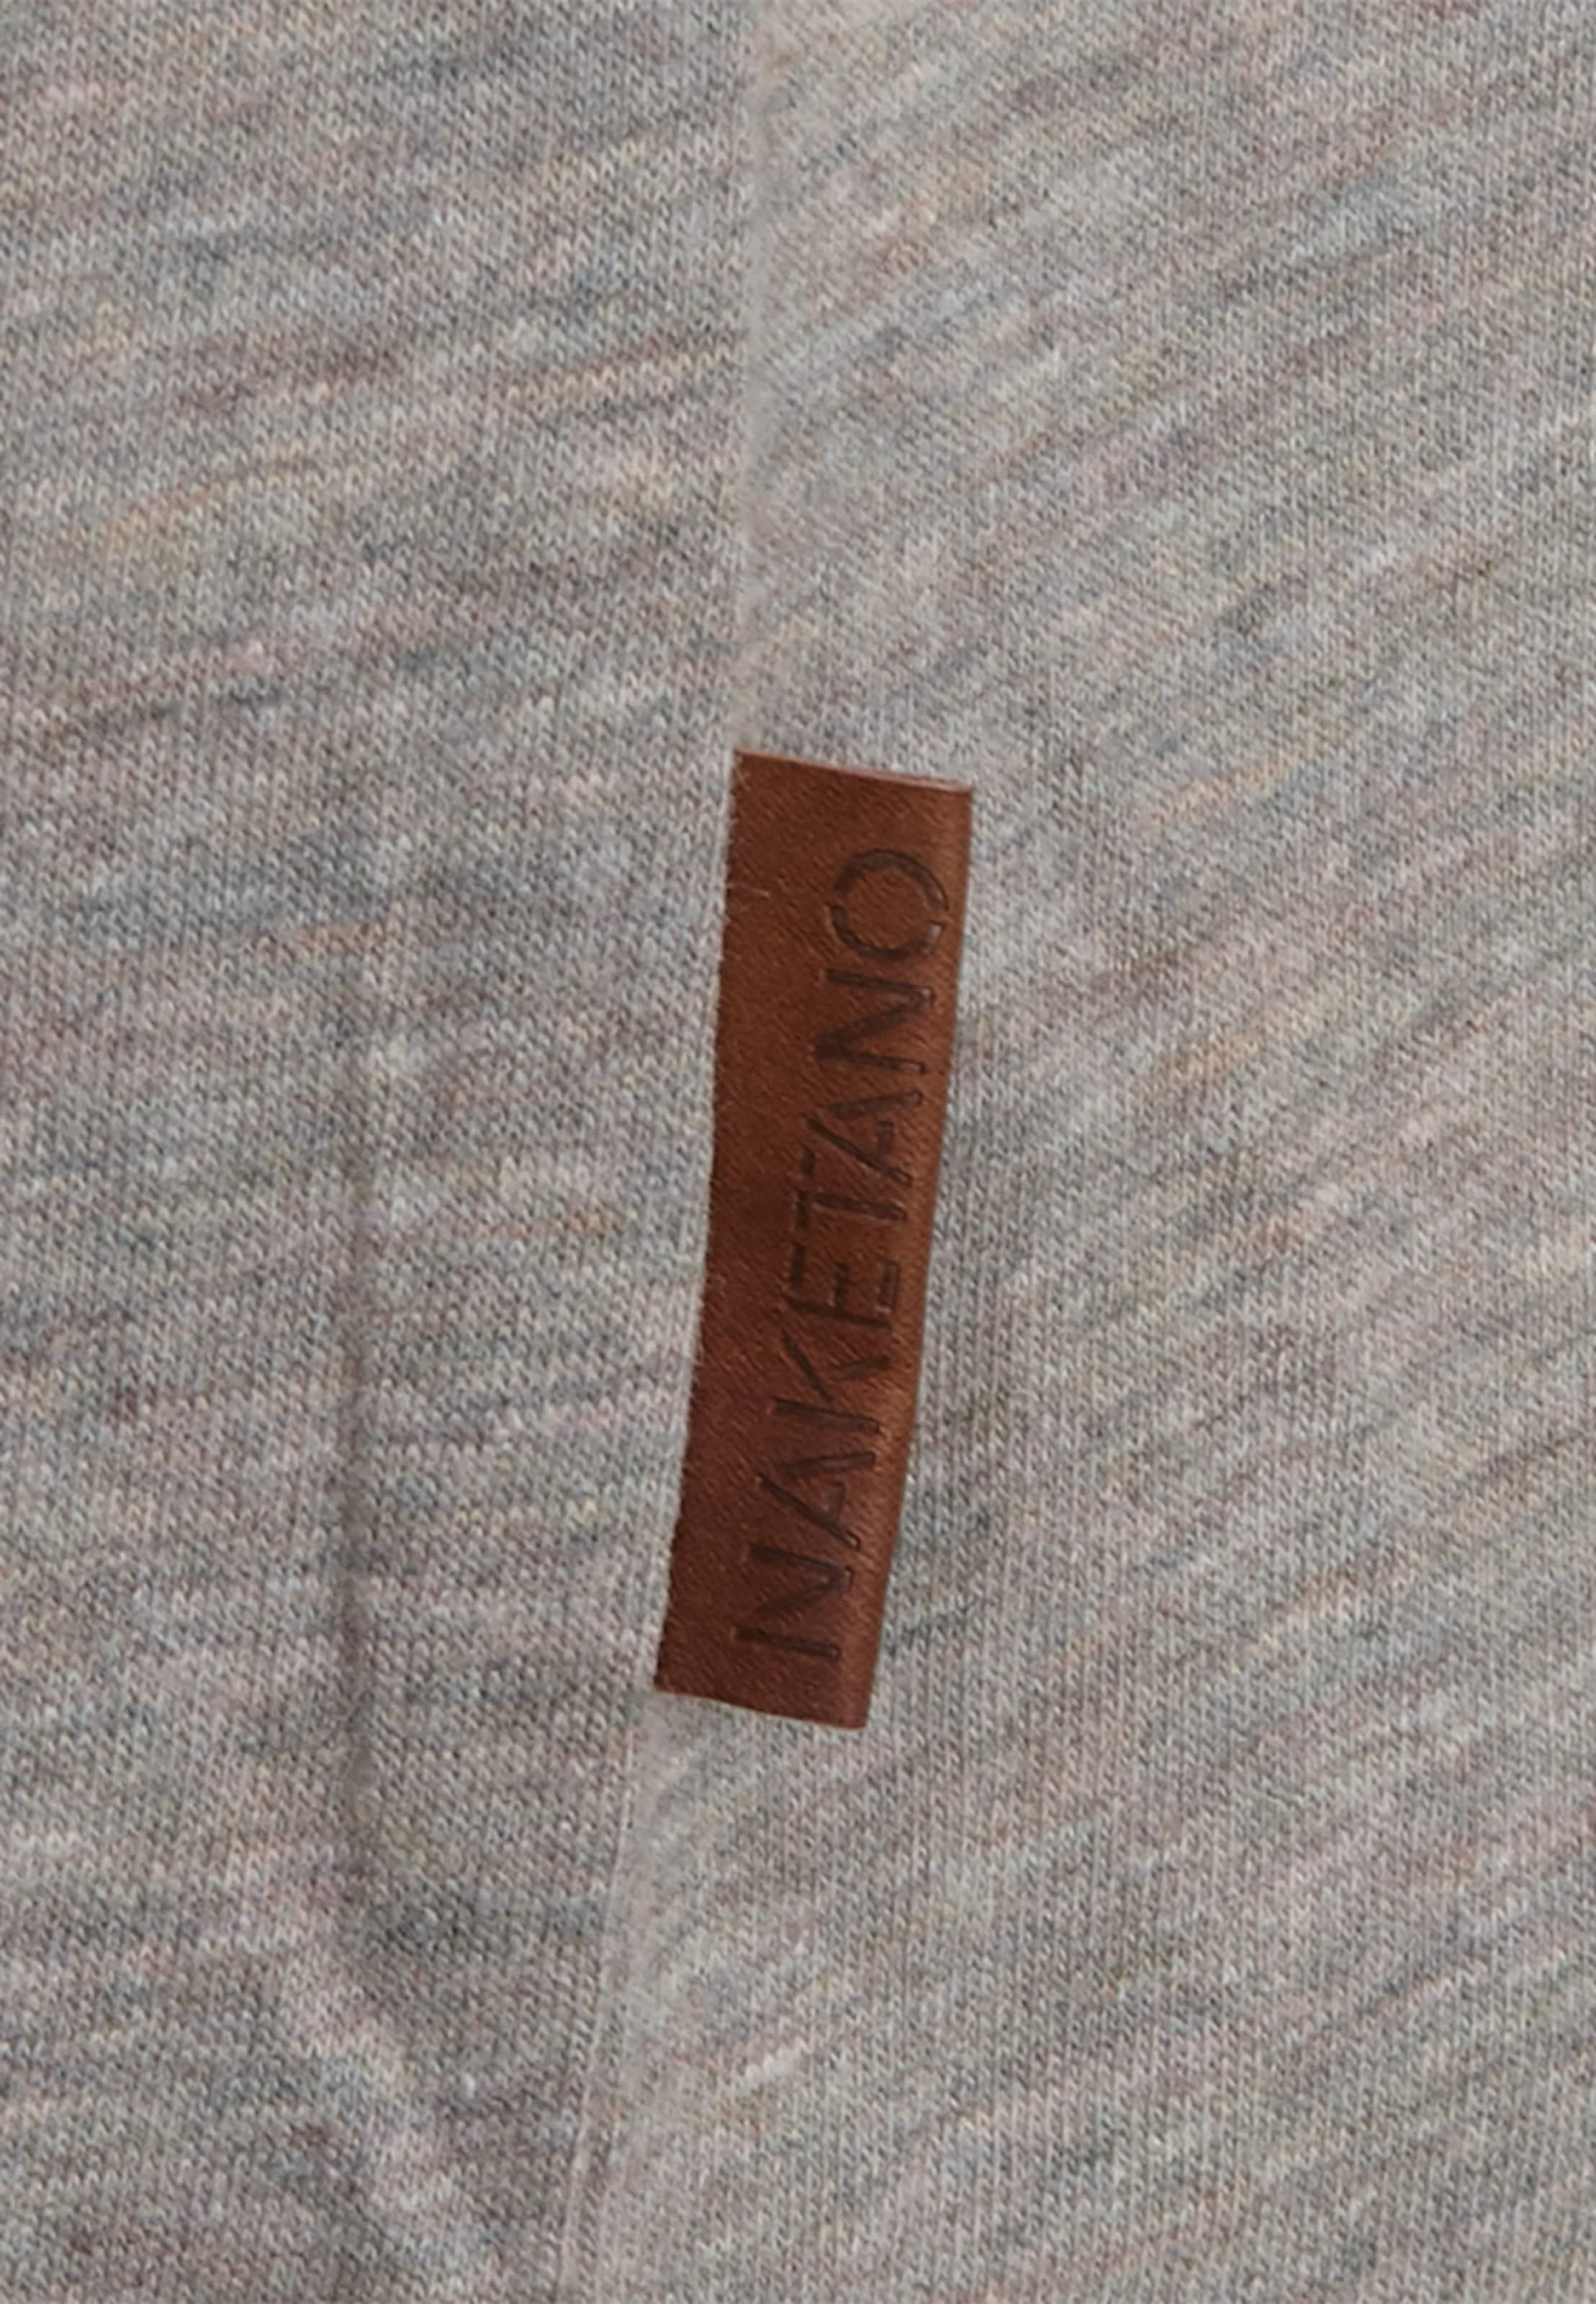 naketano T-Shirt 'Schnella Baustella III' Echte Online Billige Offizielle Seite Extrem Günstig Online tmF5tW